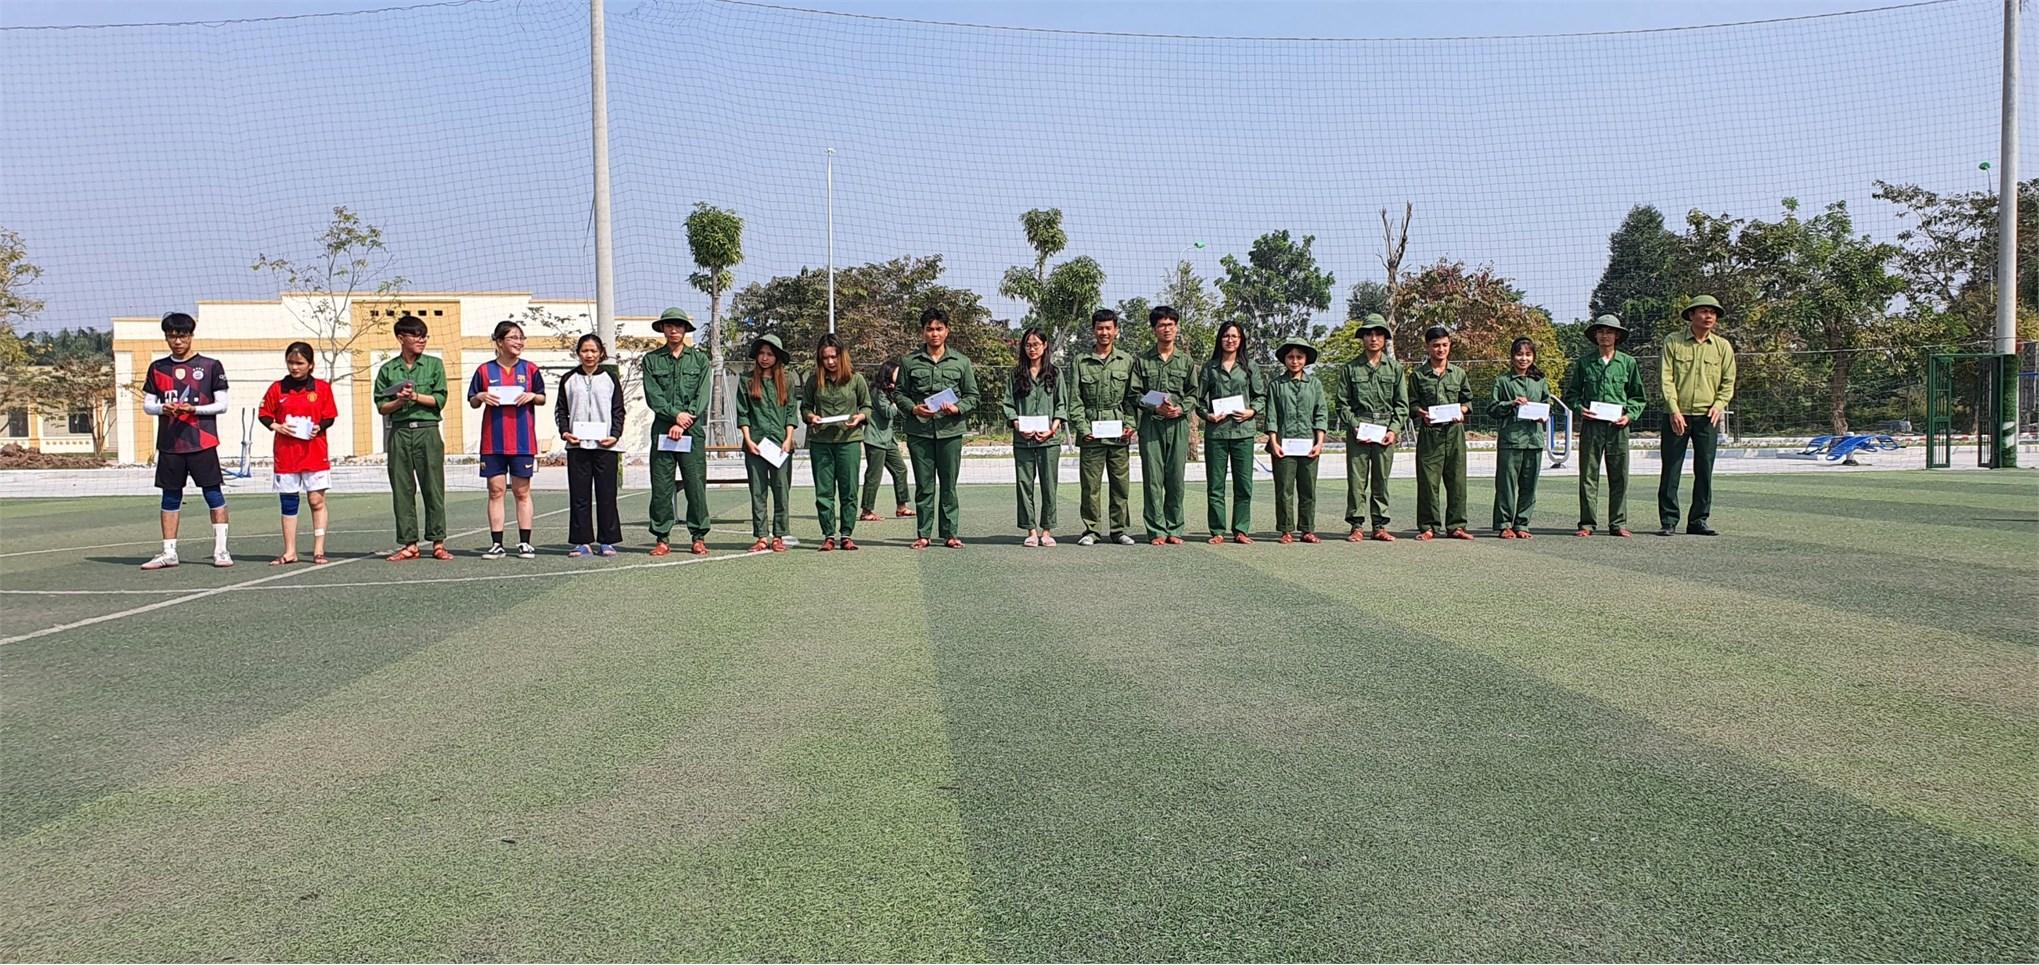 Hội thao các môn thể thao quốc phòng phối hợp cho SInh viên hệ ĐH K15 (Đợt 2) năm học 2020-2021 học GDQP&AN tại Trung tâm GDQP&AN.